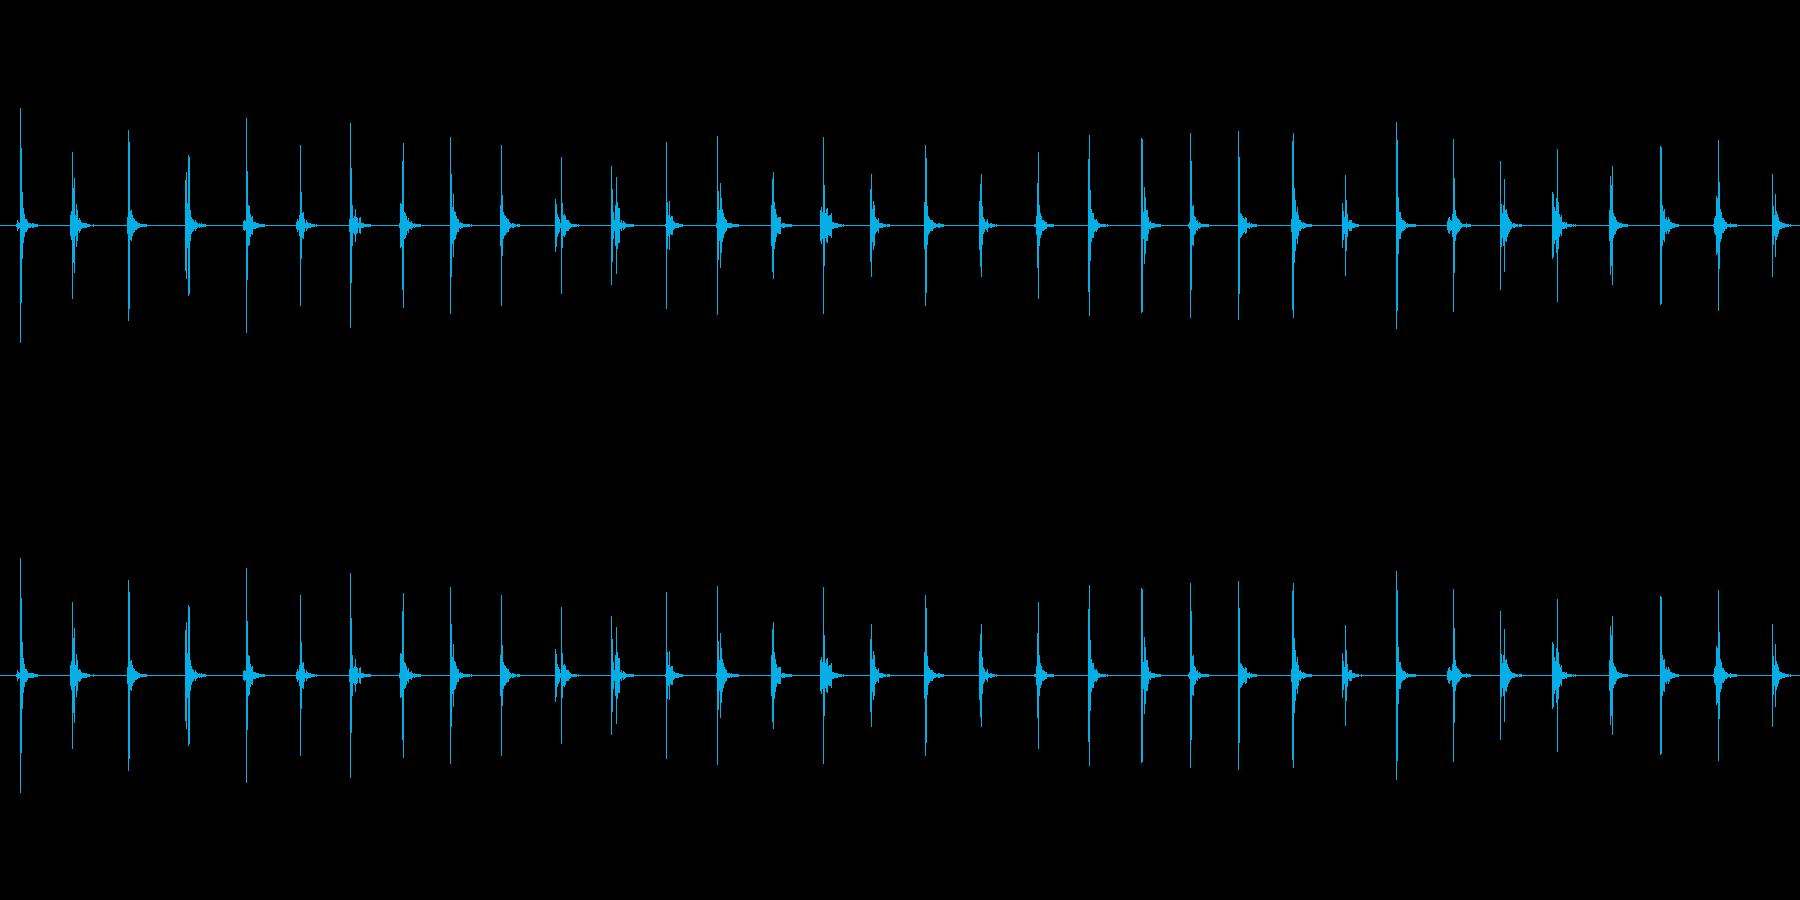 【足音03-2L】の再生済みの波形